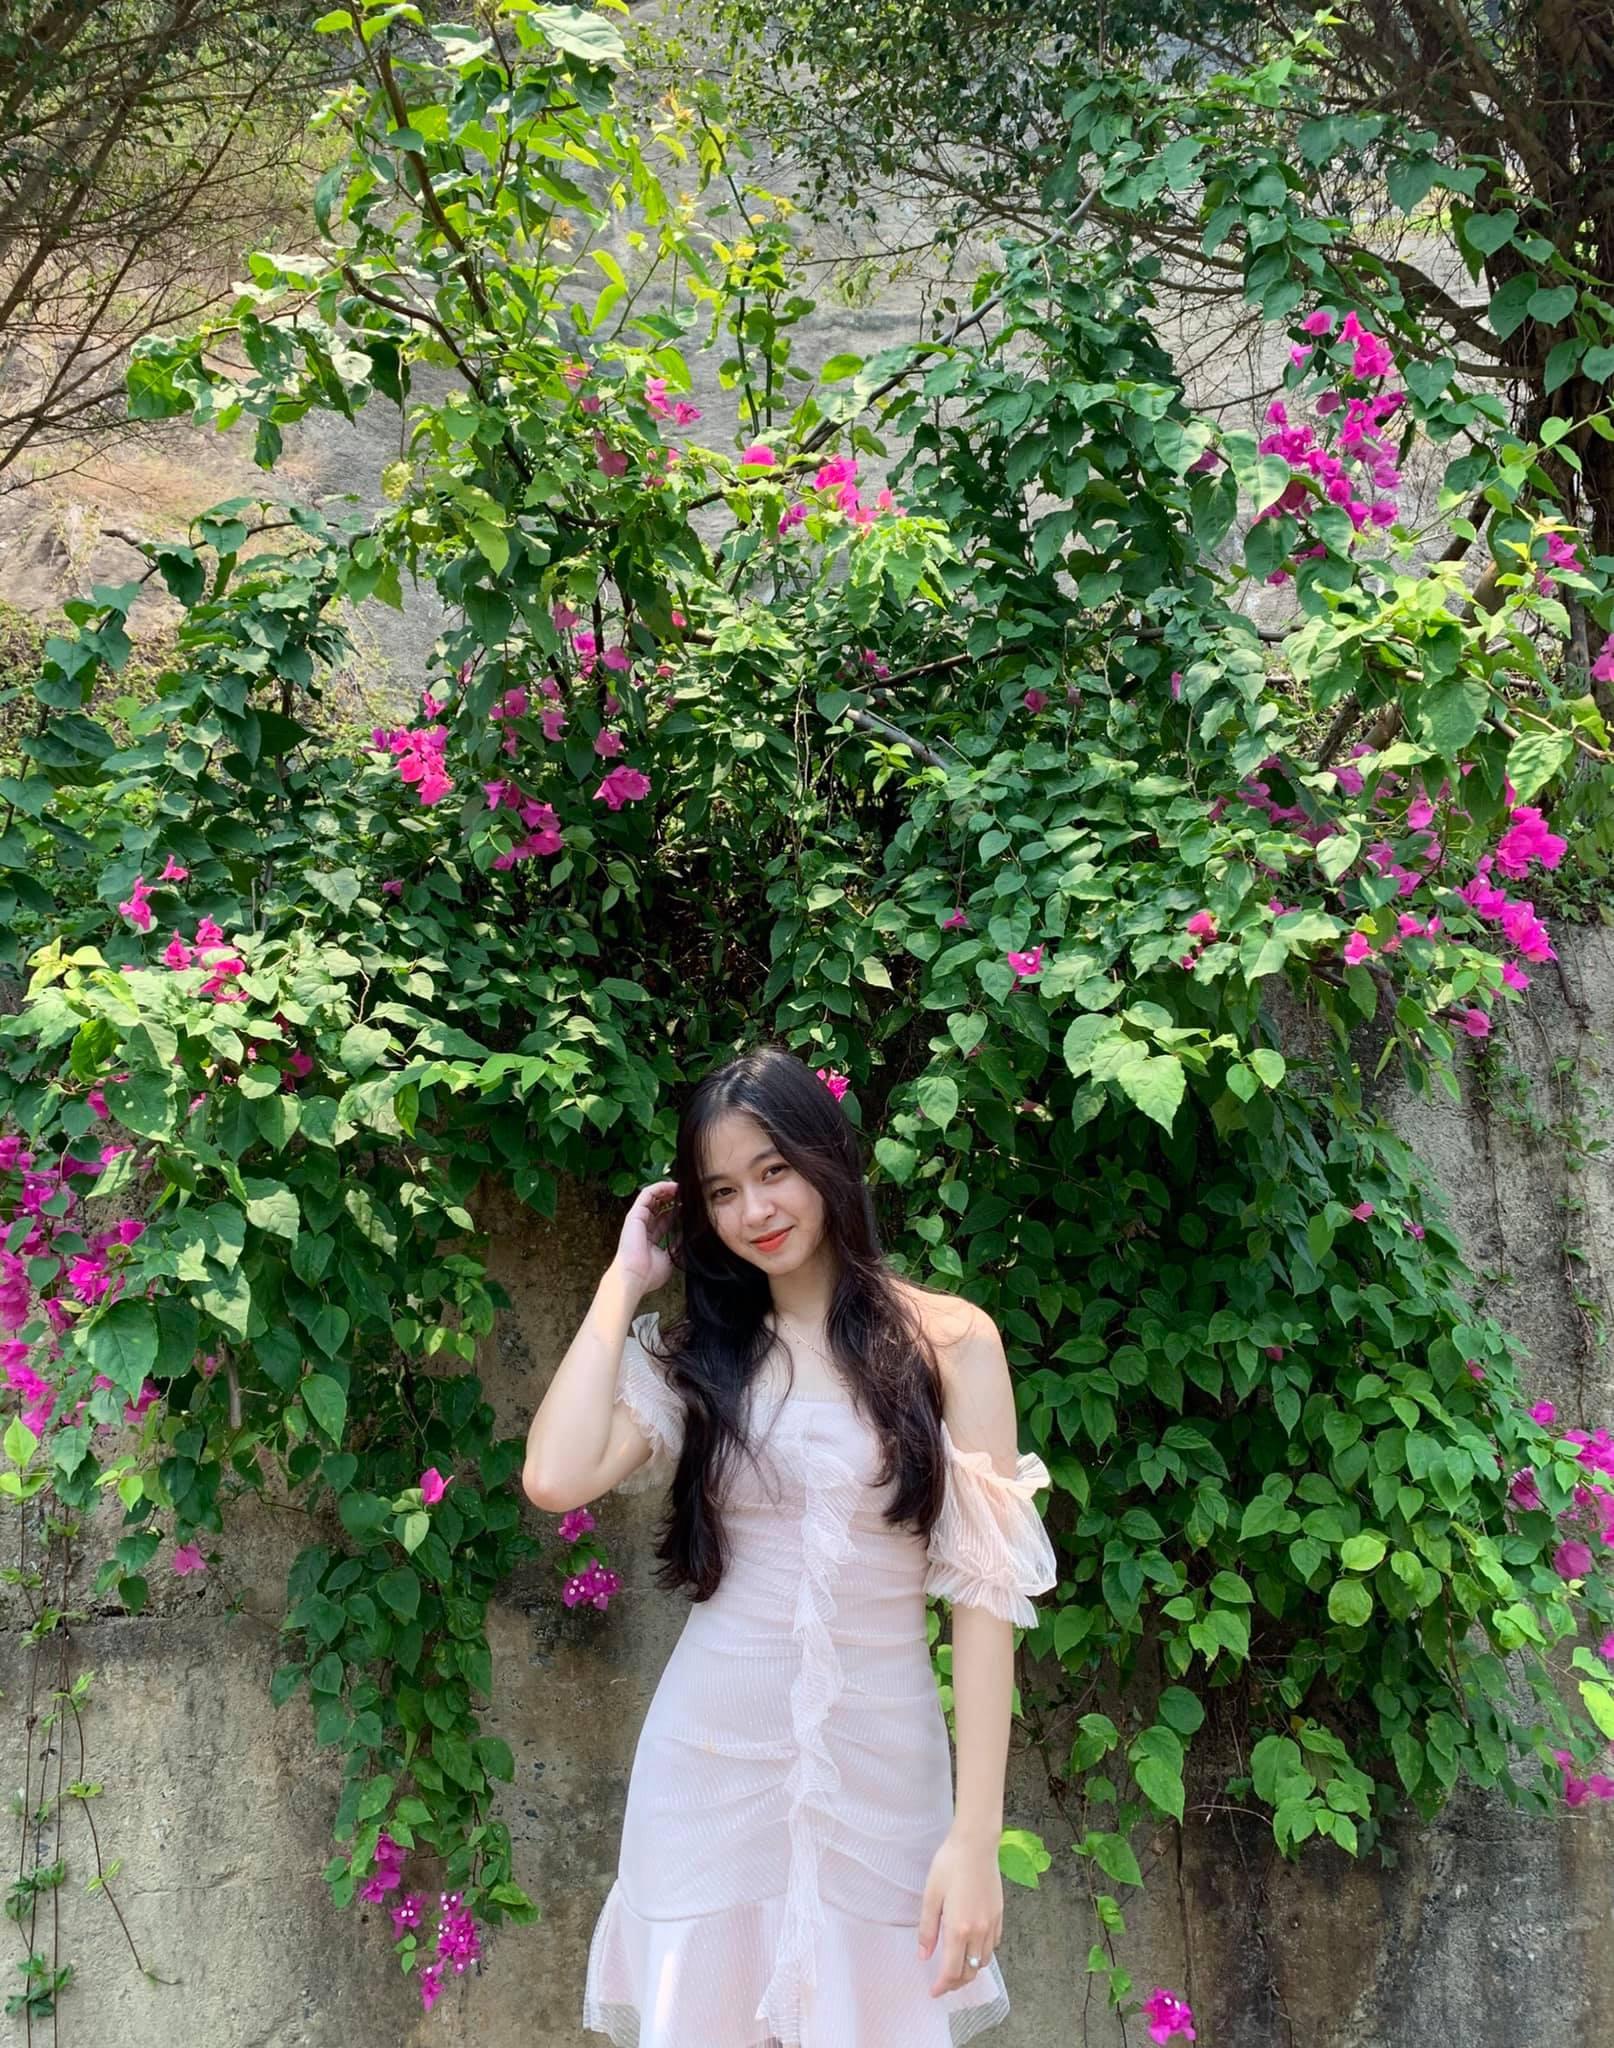 Nữ sinh Quảng Bình xinh xắn, hát dân ca ngọt như mía lùi - 4